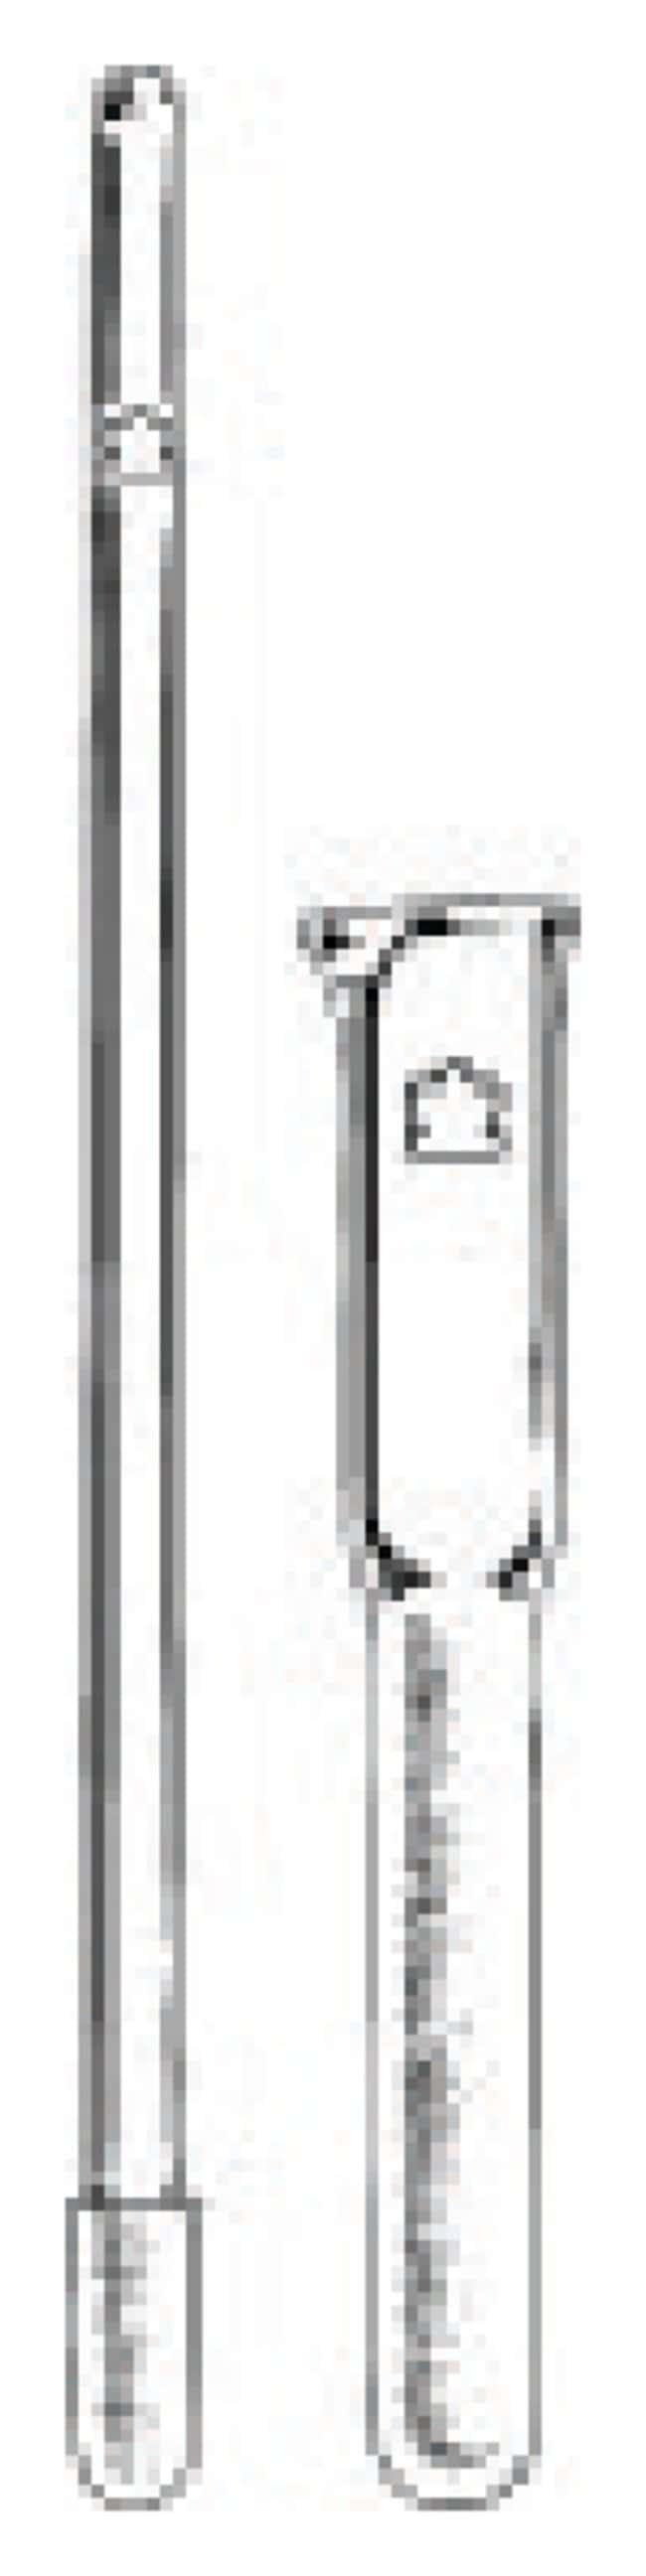 DWK Life SciencesKimble™ Kontes™ Duall™ Gewebemühle mit sicherheitsbeschichtetem Röhrchen Nutzraumvolumen: 5ml; Größe: 22 Produkte